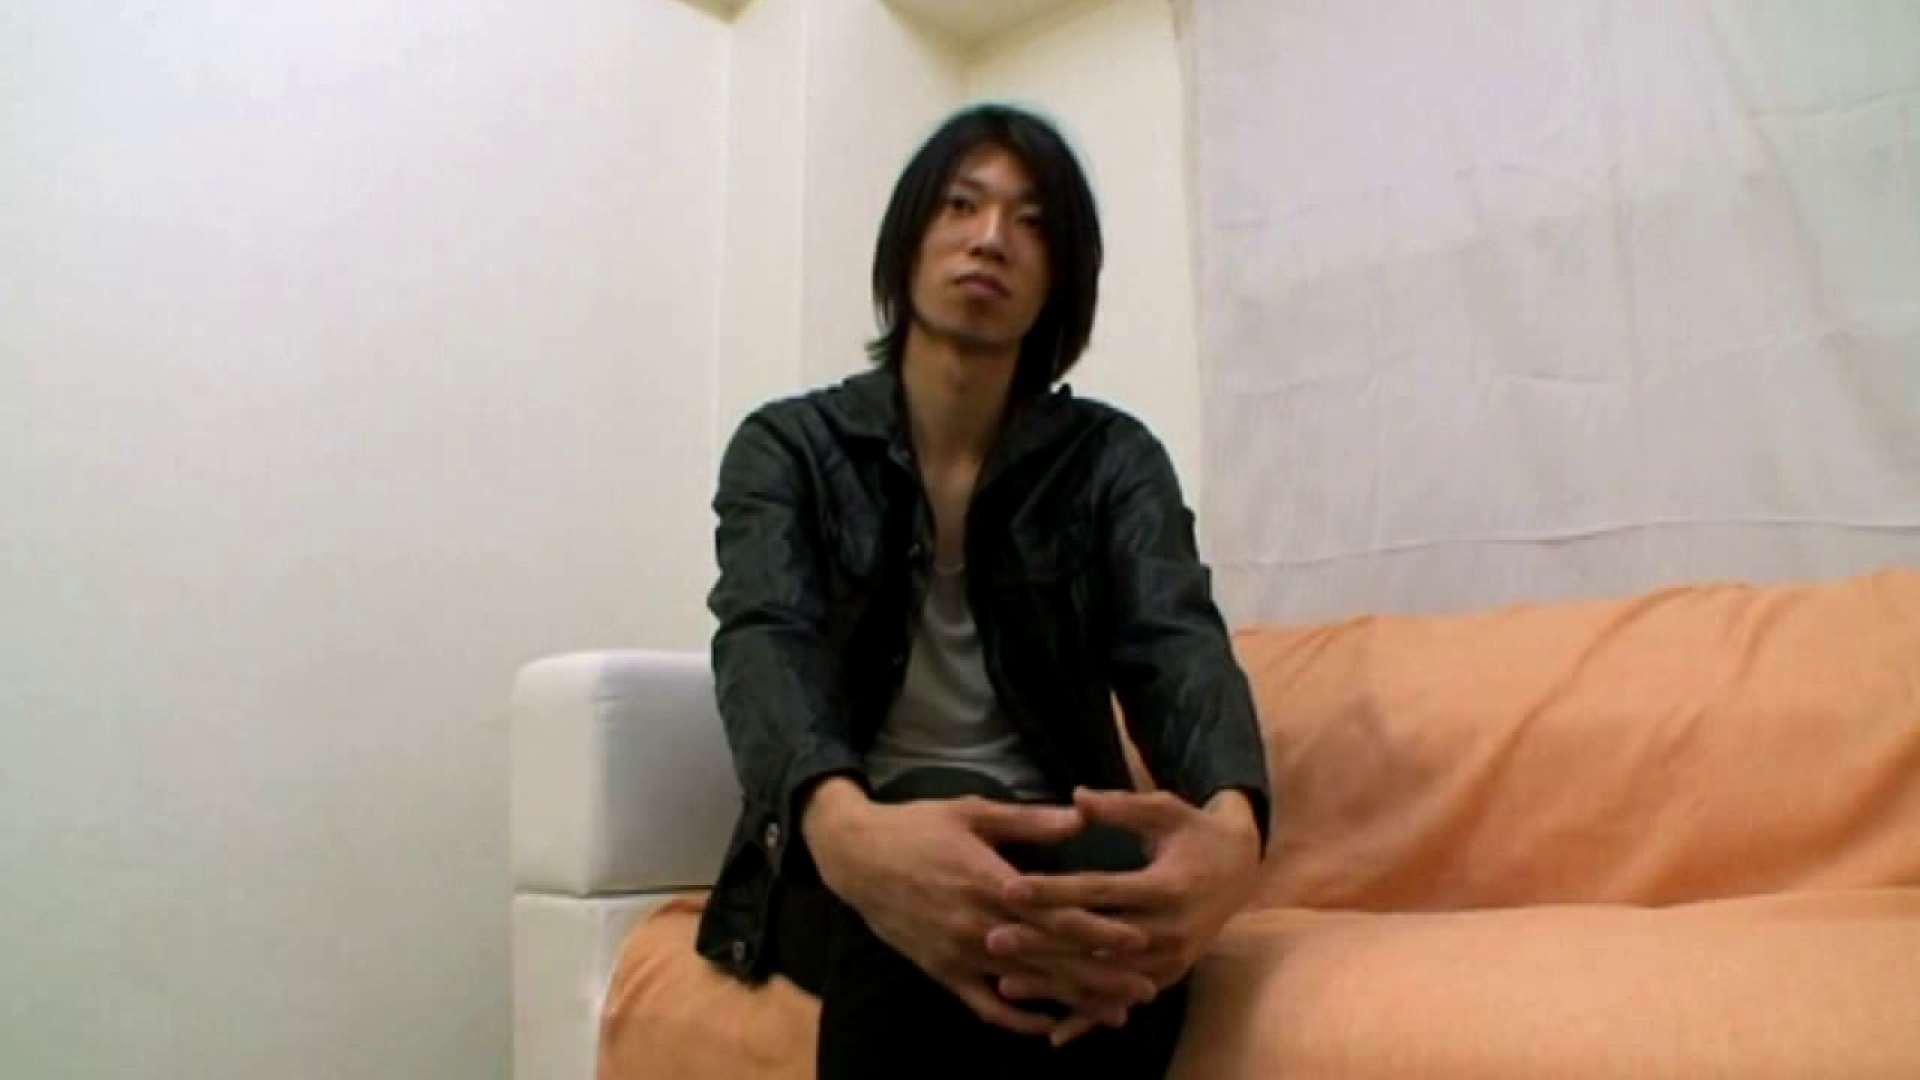 ノンケ!自慰スタジオ No.36 流出作品 ゲイエロ動画 101pic 28